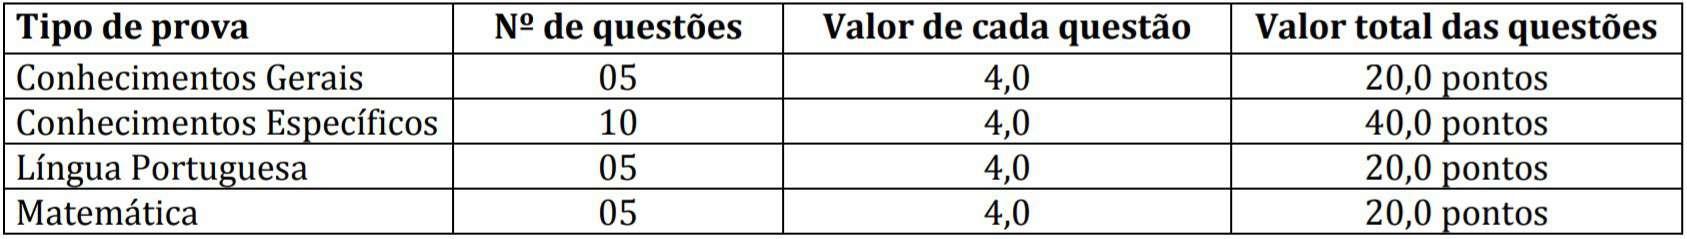 provaas 1 2 - Concurso Prefeitura de São Pedro do Ivaí PR: Inscrições encerradas